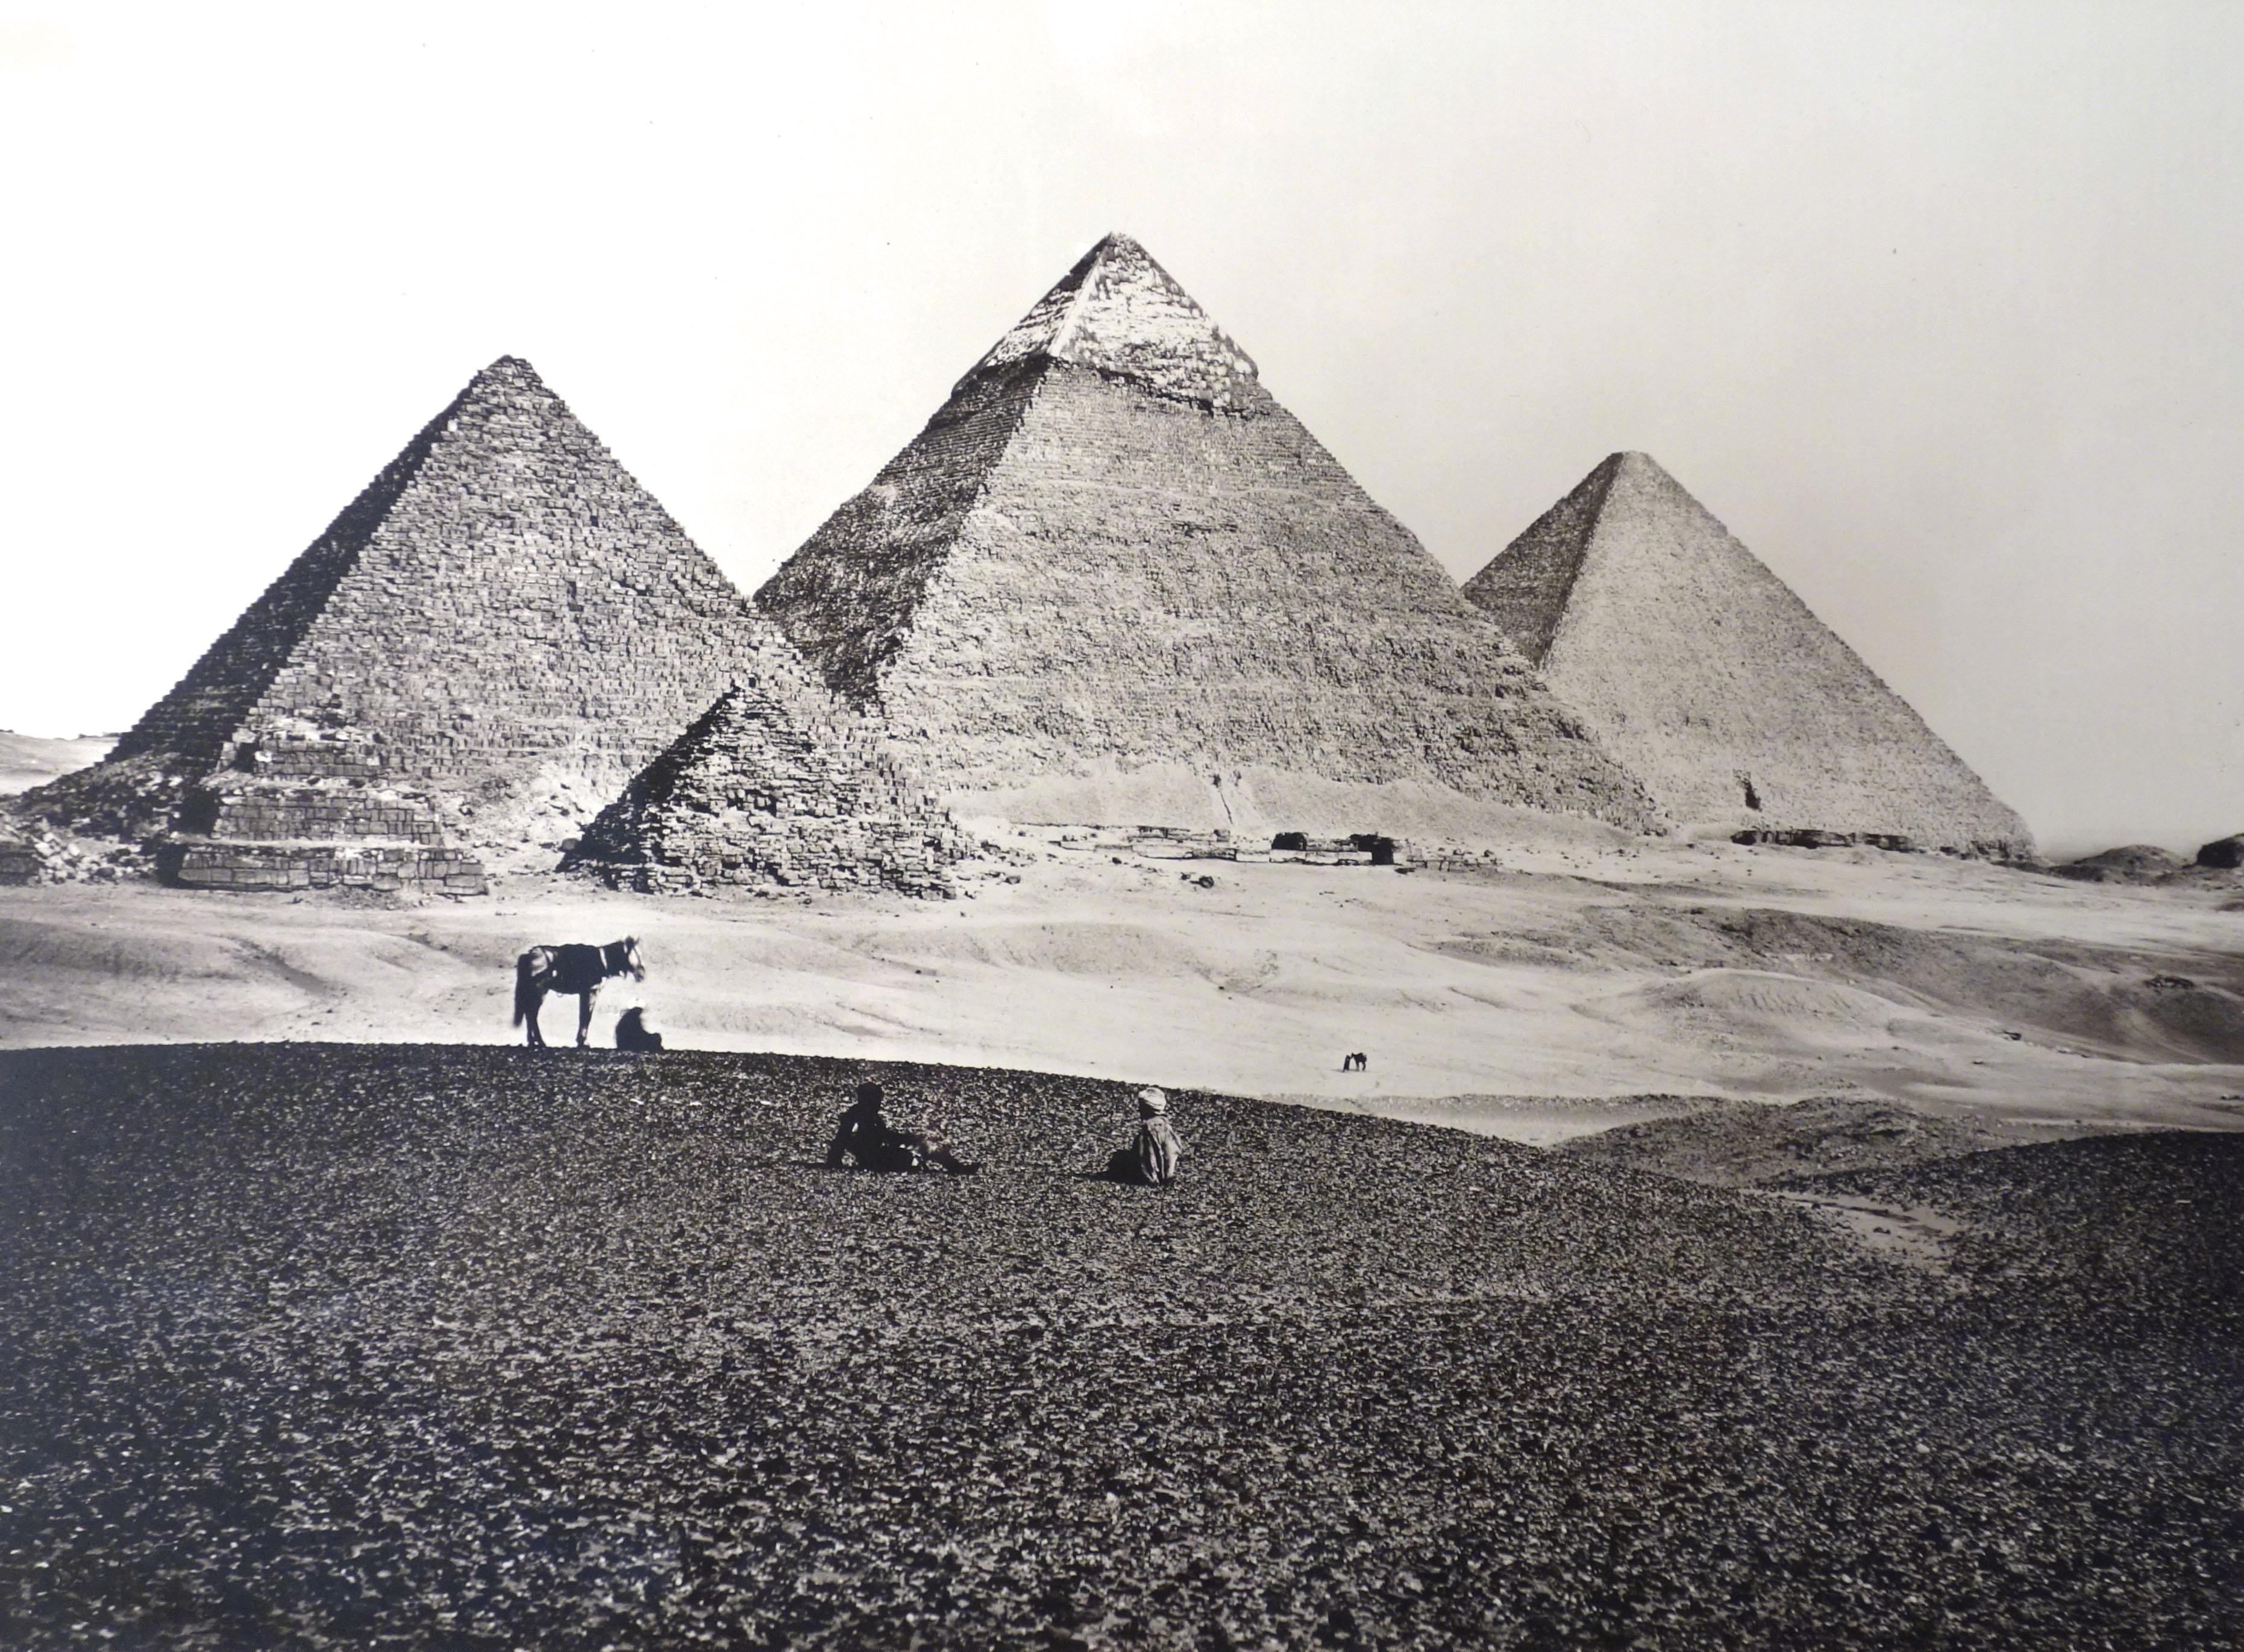 38_francis_frith_pyramiden_von_gizeh.JPG